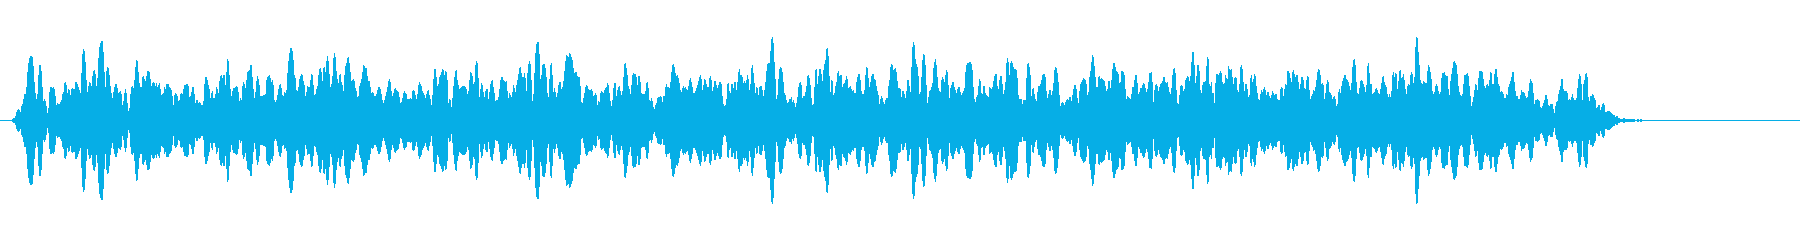 日本の救急車のサイレン(遠距離)の再生済みの波形